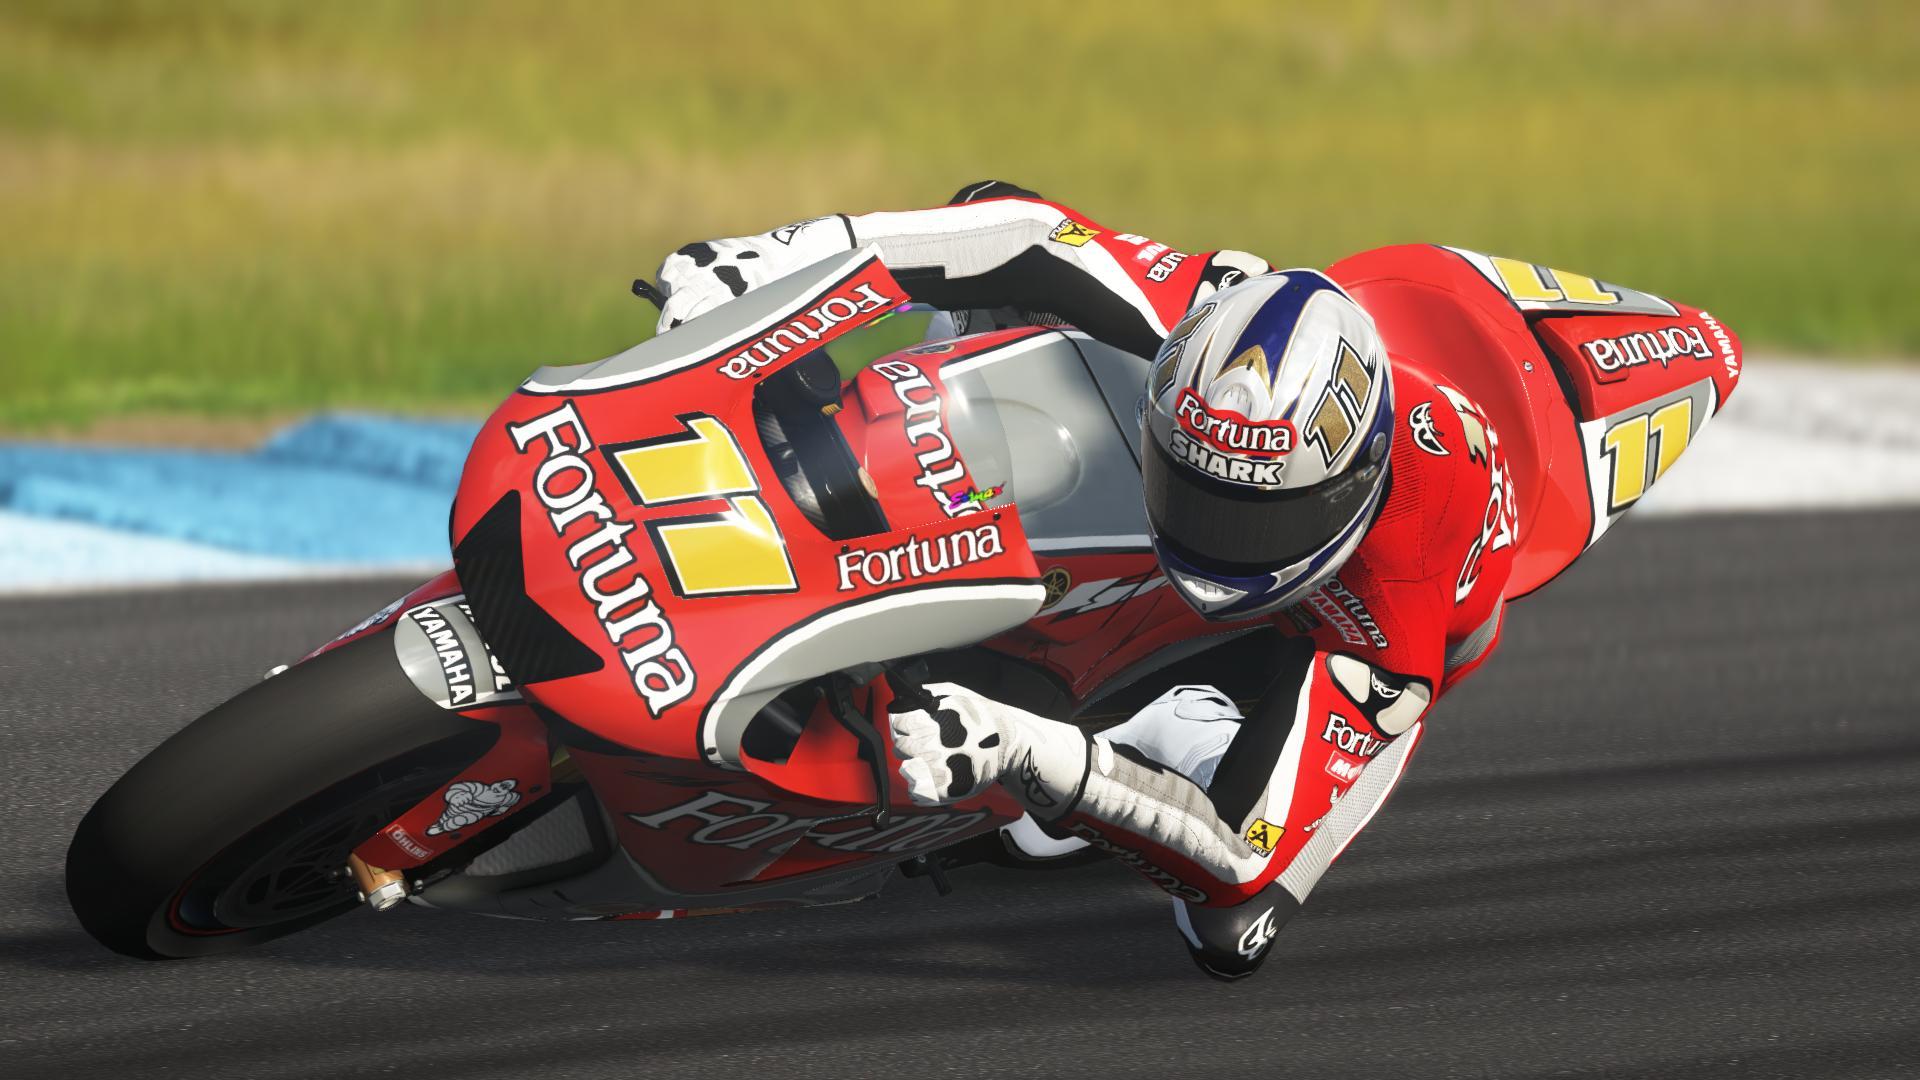 MotoGP17X64 2018-02-28 22-10-57-76.jpg